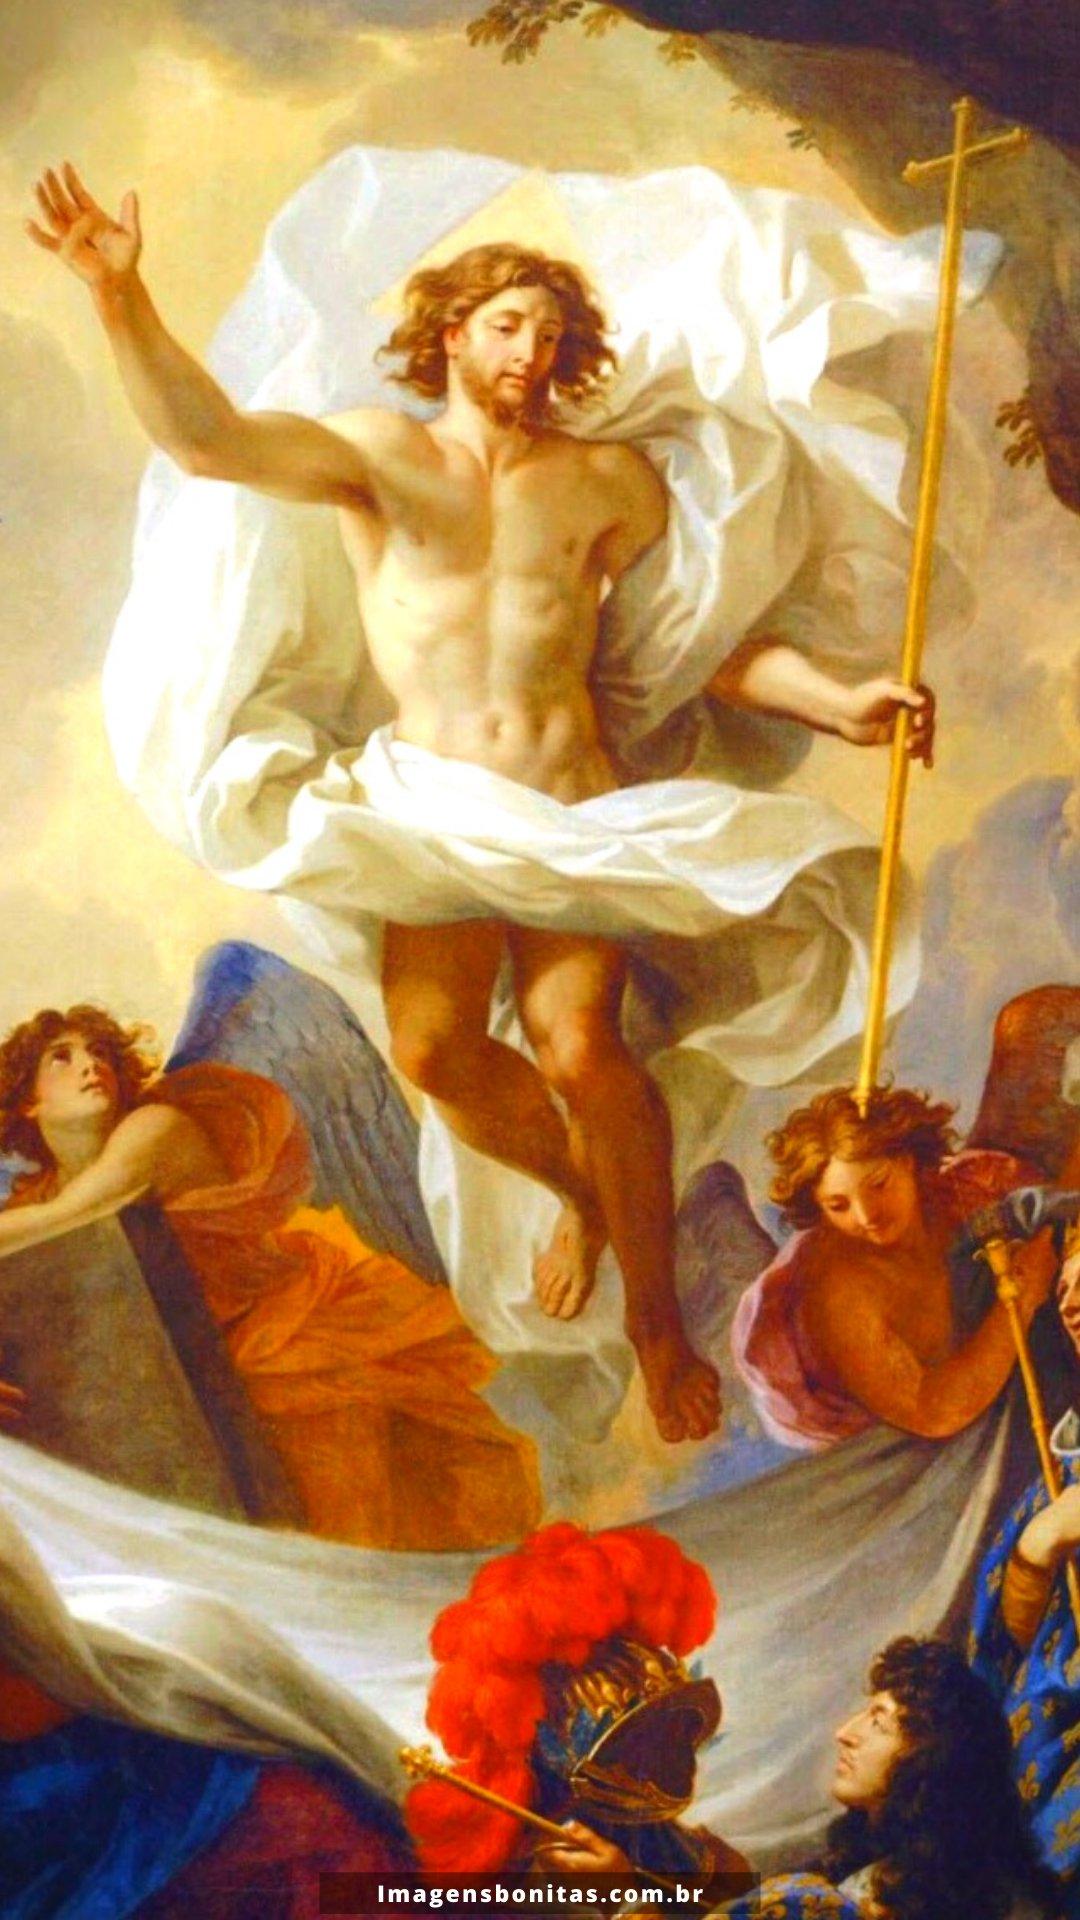 Wallpaper de Jesus Cristo Ressuscitado para celular